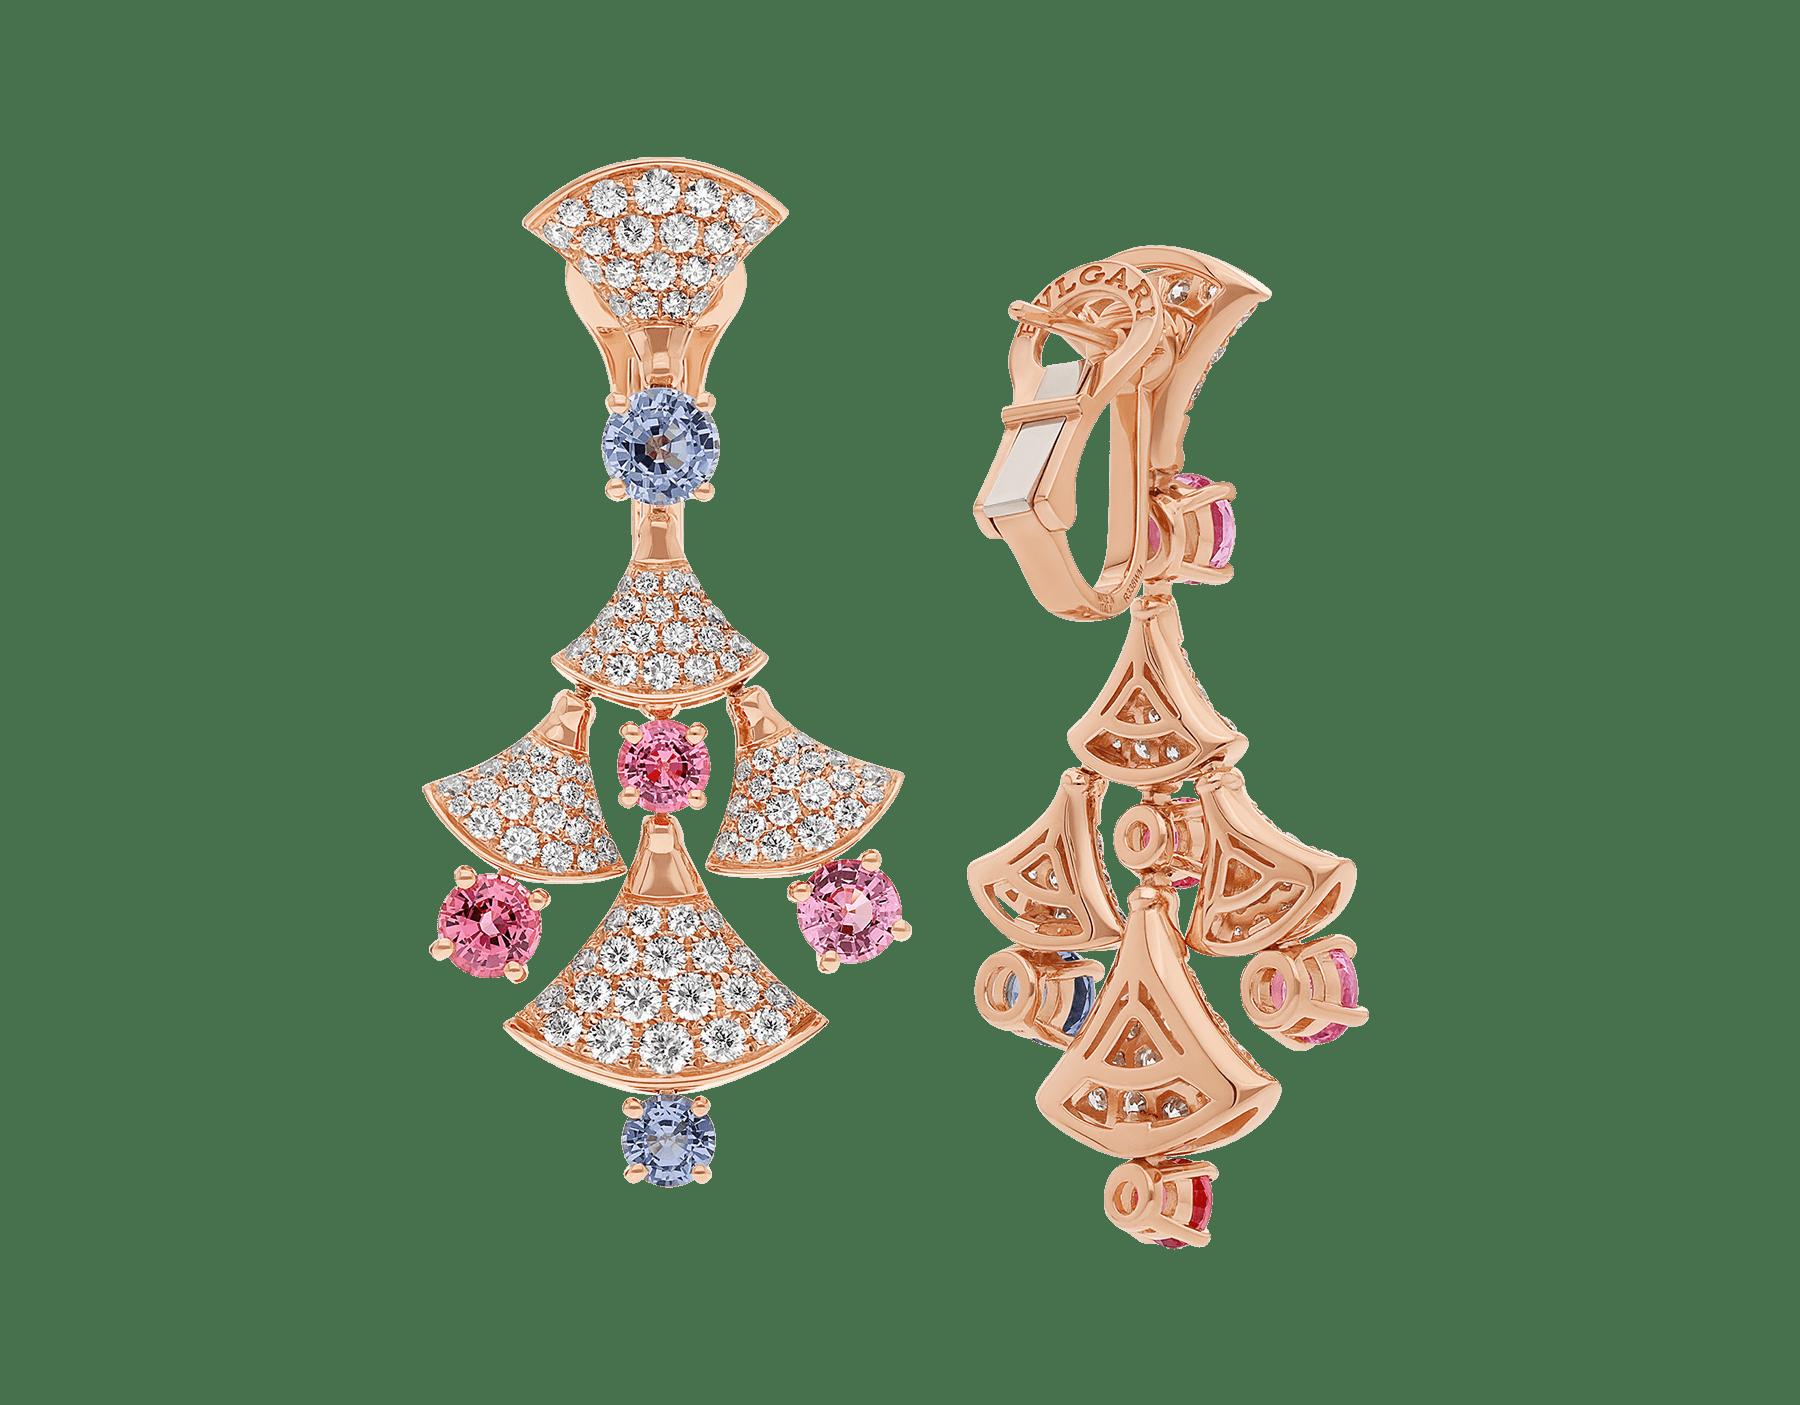 Серьги DIVAS' DREAM, розовое золото 18карат, шпинели классической огранки (3,81 карата), бриллиантовое паве (2,22 карата). 357943 image 3